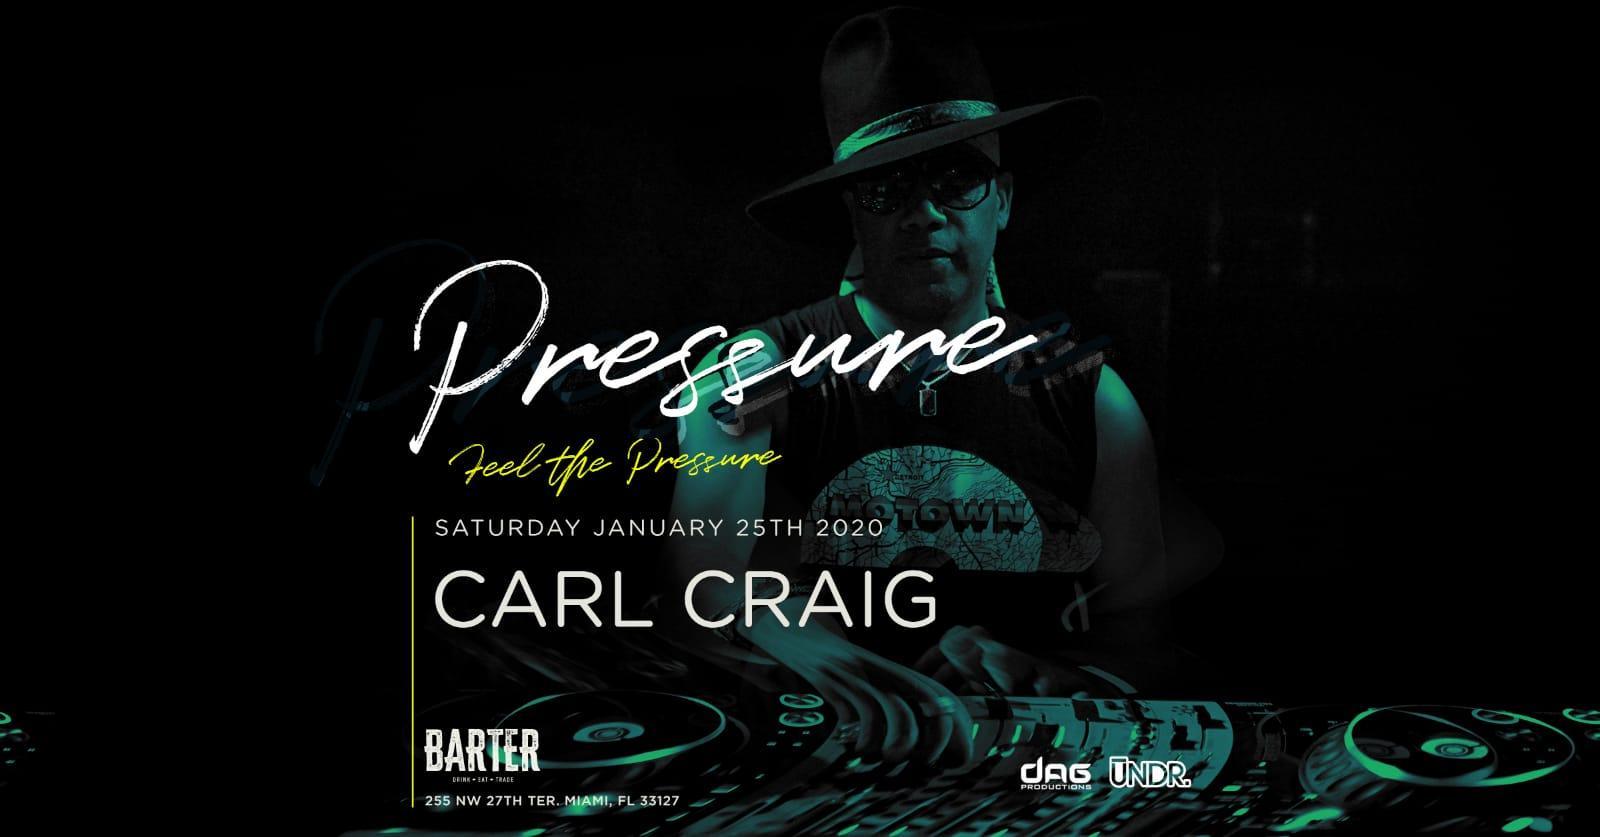 DJ Carl Craig at Barter Wynwood